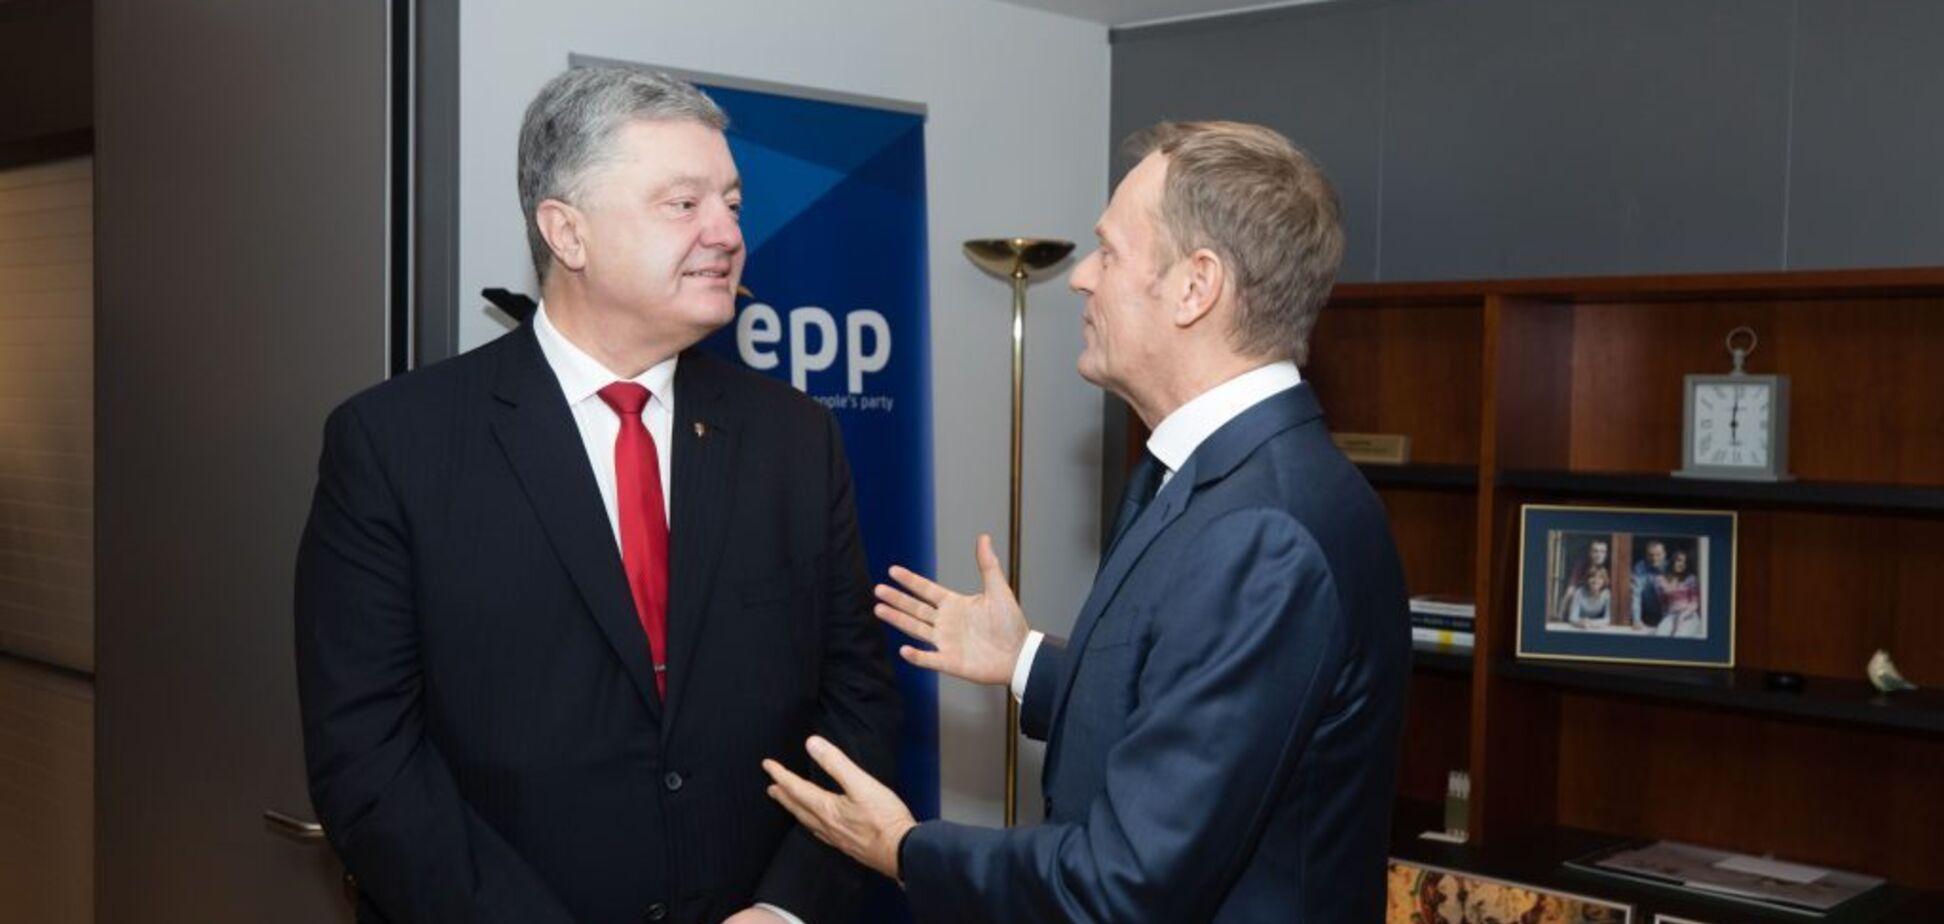 Ні реабілітації Путіна! Порошенко зустрівся з Туском: про що говорили